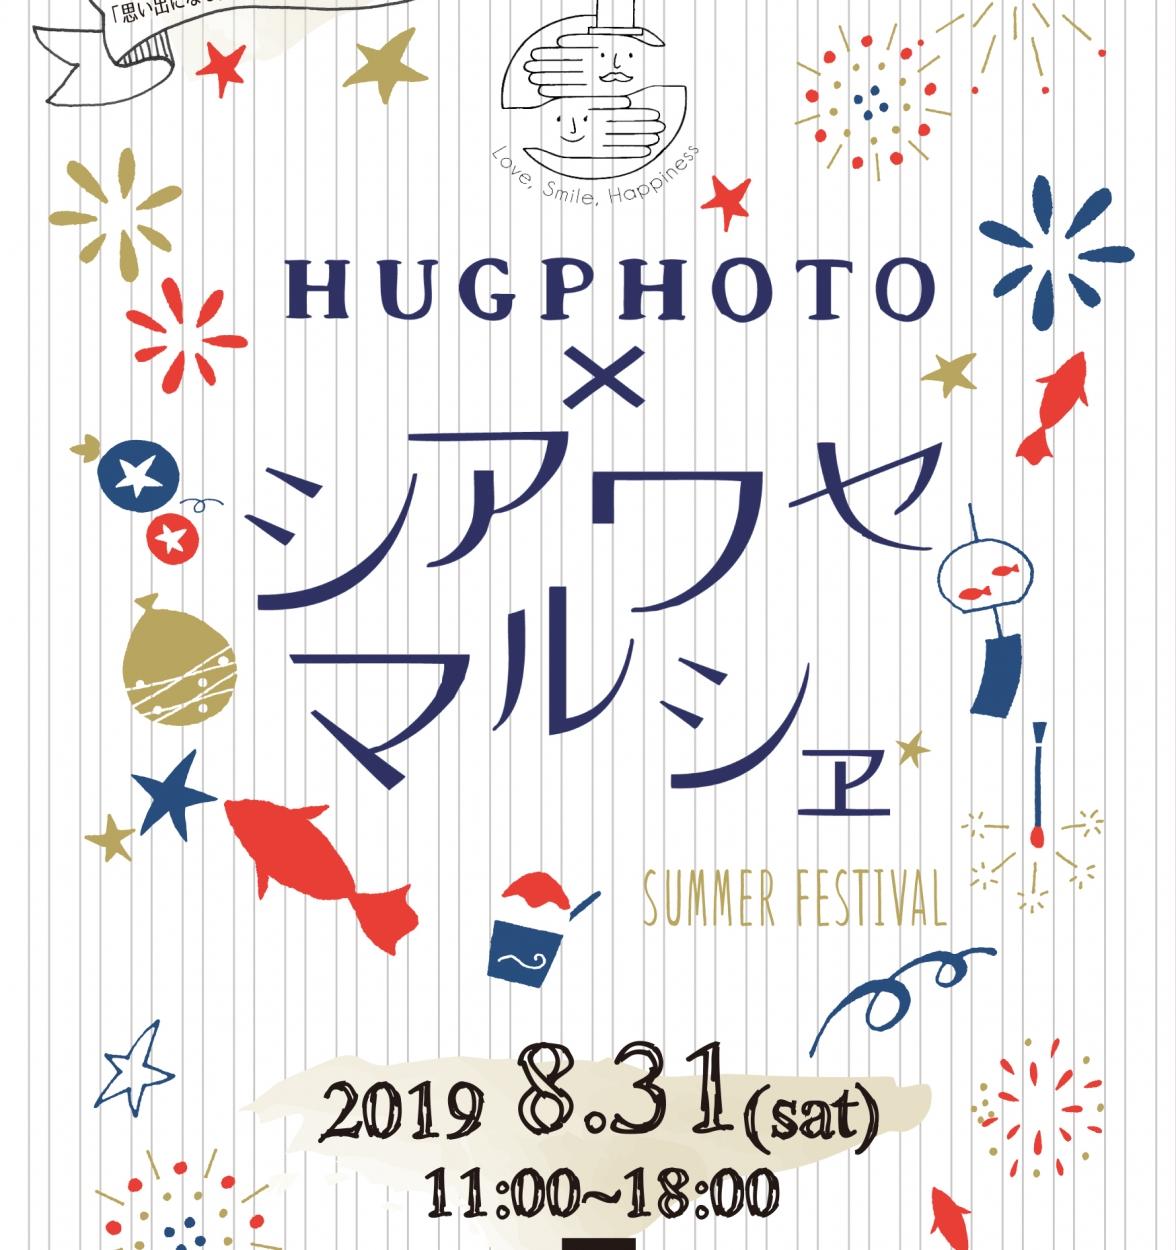 ハグフォト事前申し込みスタート!!! HUGPHOTOXシアワセマルシェ8月31日!